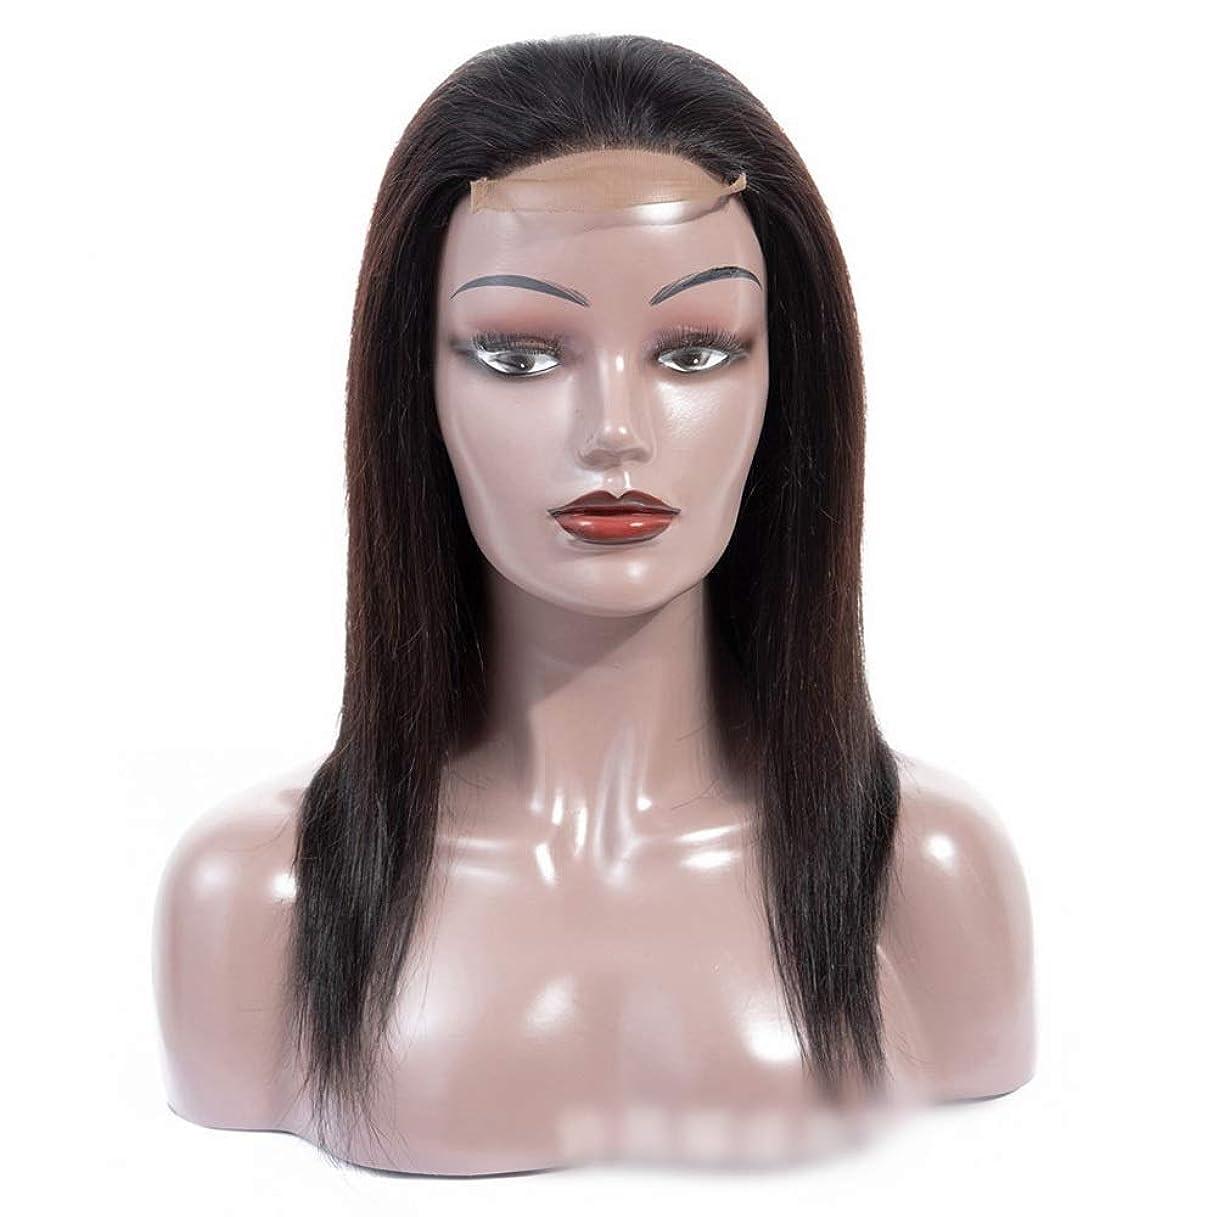 原点切り離す開発BOBIDYEE 12インチレース前頭100%リアルヘアエクステンション無料パート4×4シルキーストレート人間の髪の毛のレース閉鎖かつらパーティーウィッグ (色 : 黒, サイズ : 12 inch)